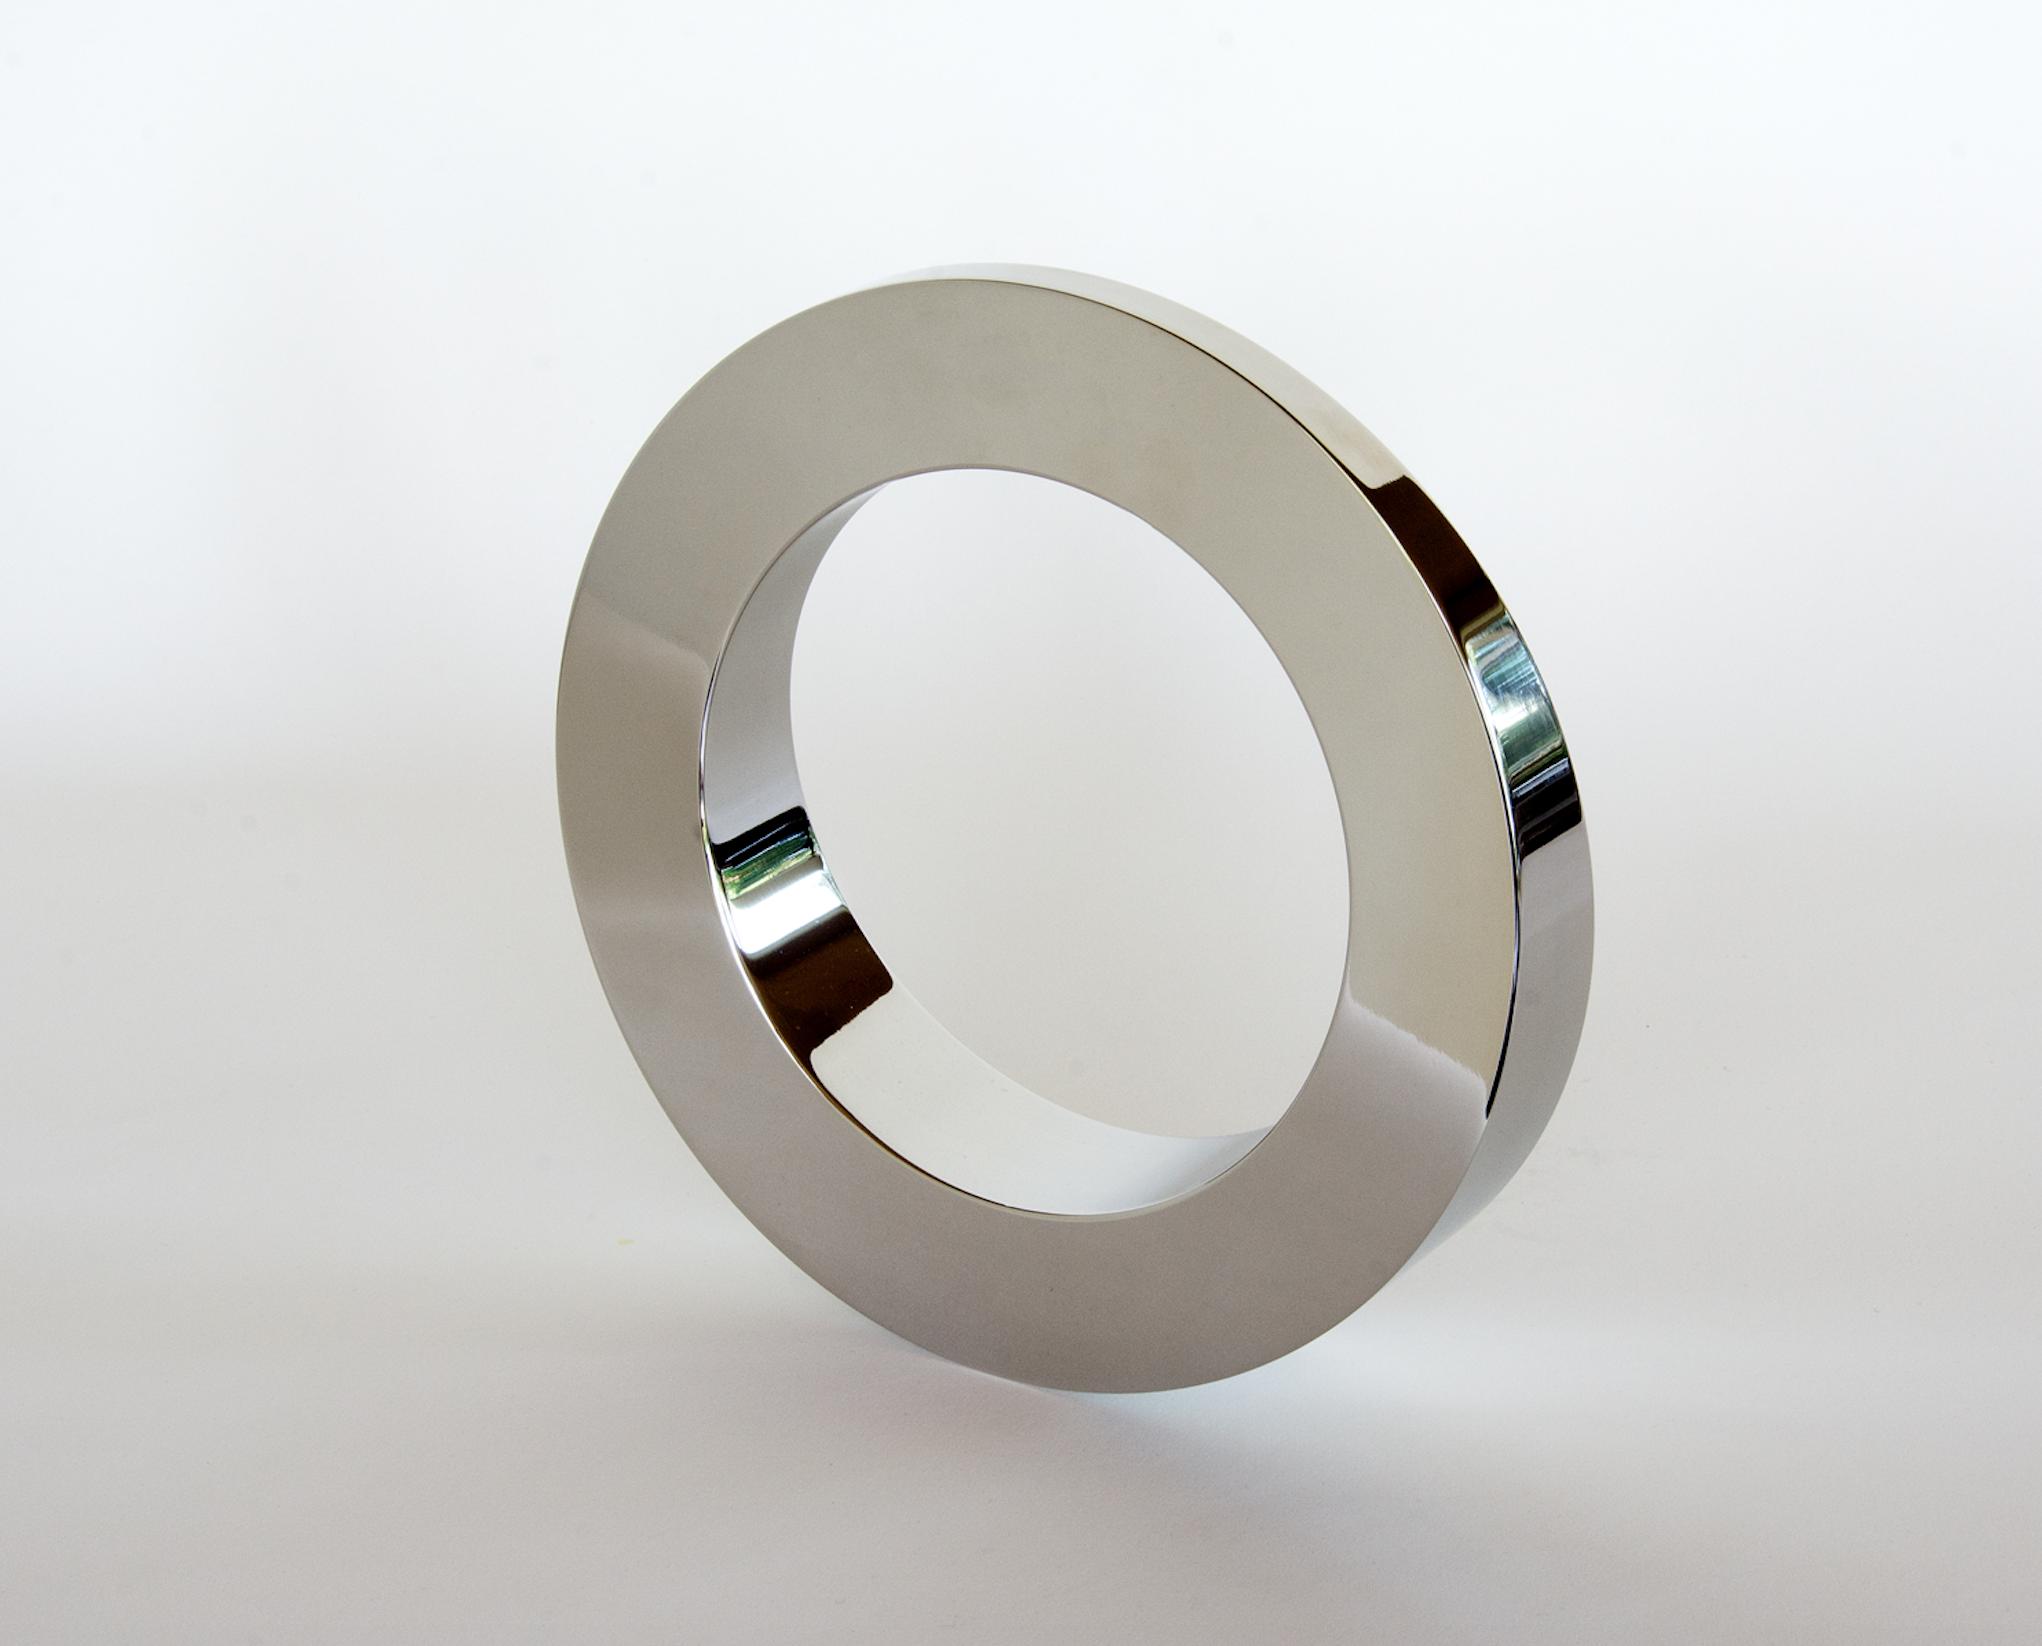 stainless steel, kinetic sculpture called rocker by tarik currimbhoy